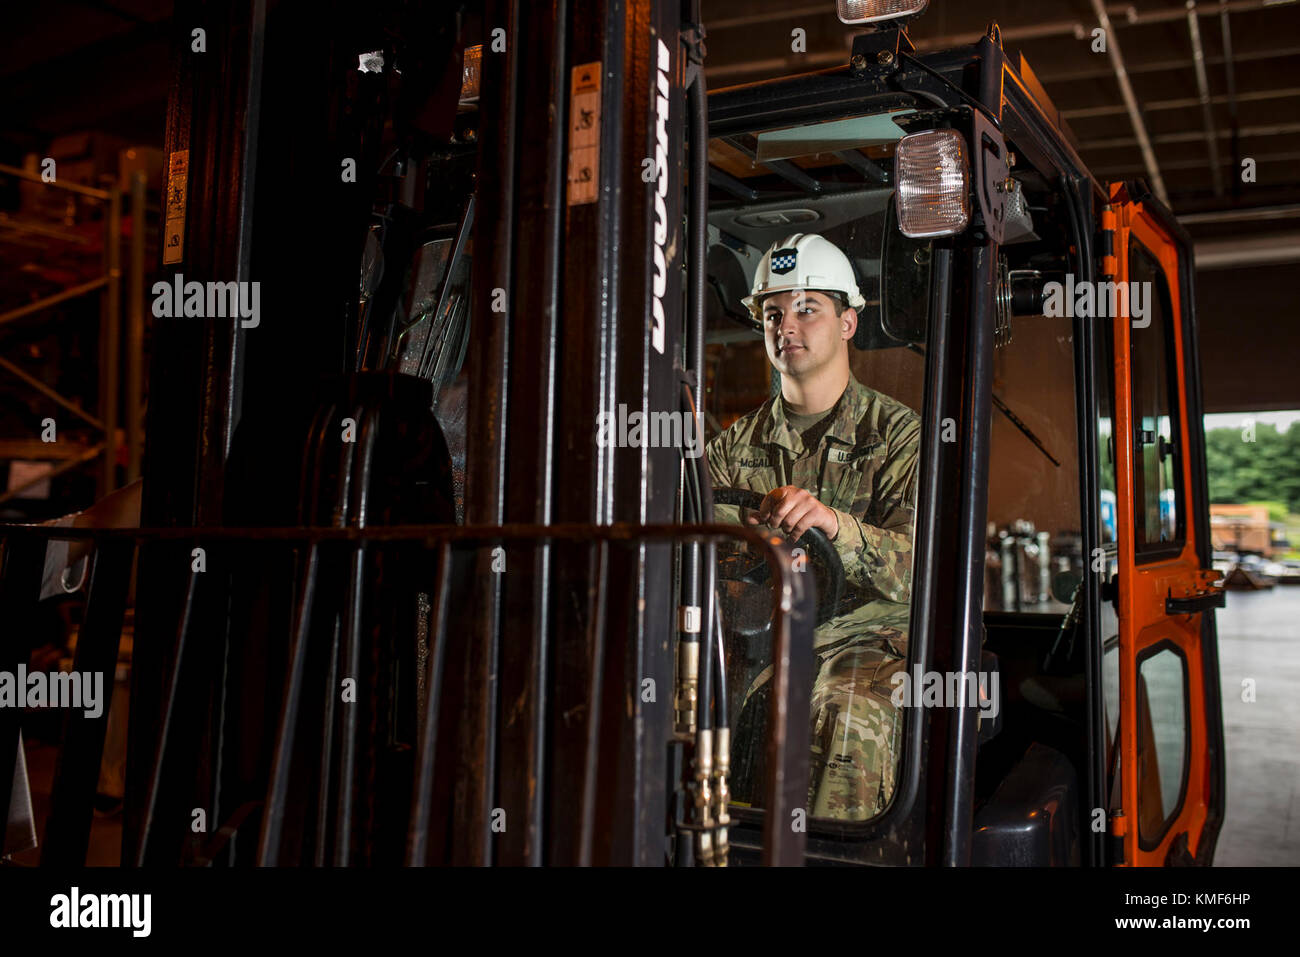 Warrior tasks and battle drills 2012